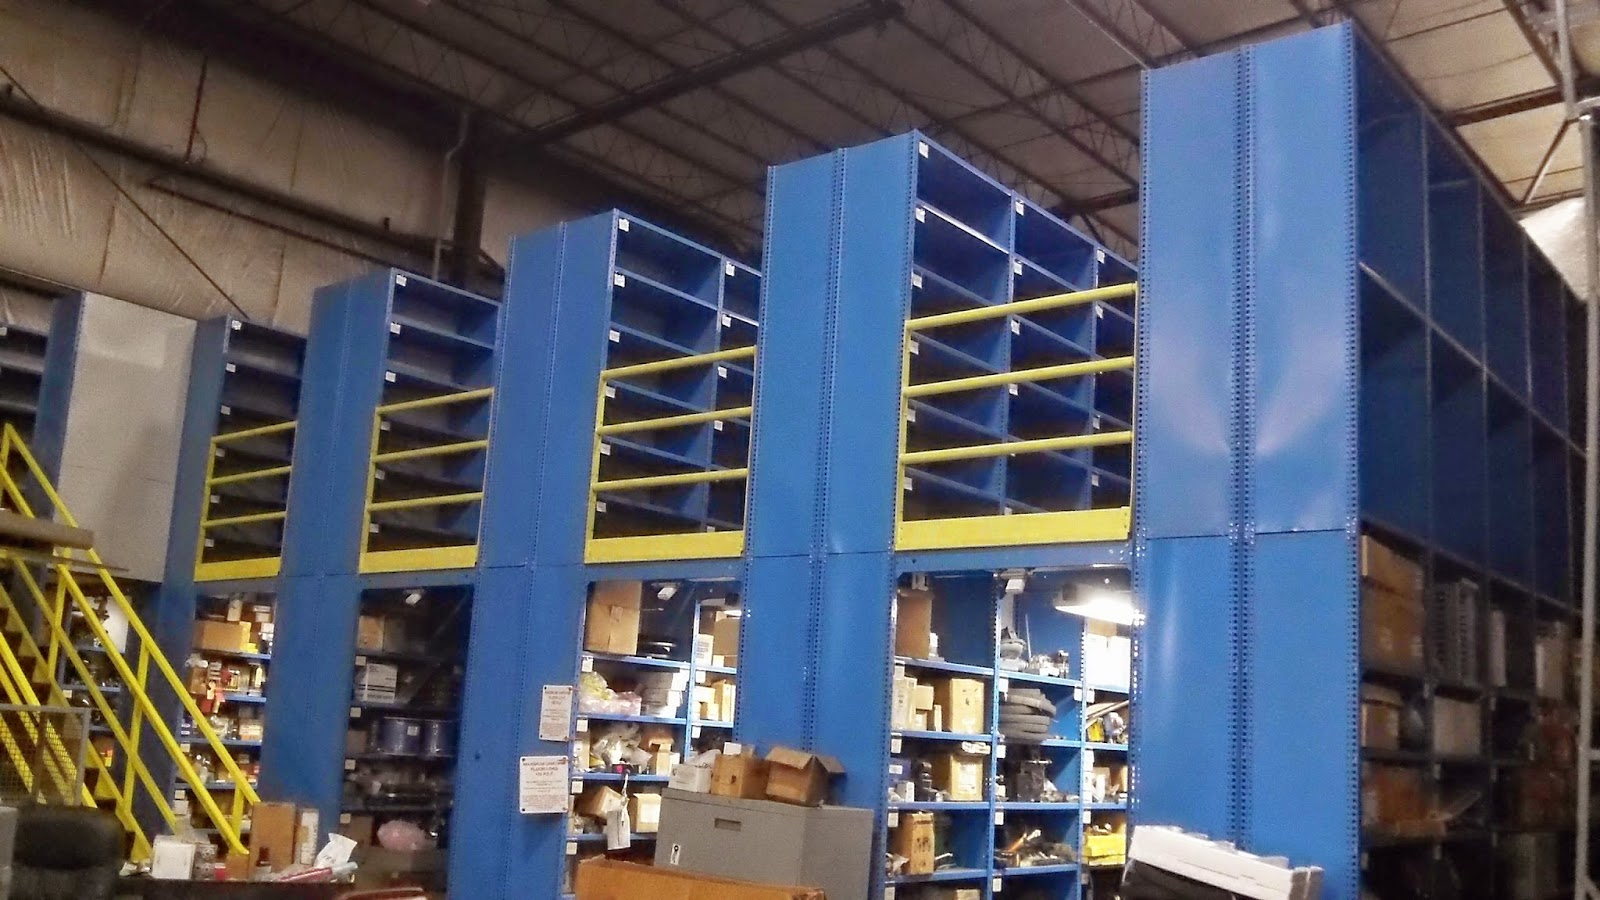 waymarc general storage solutions.JPG